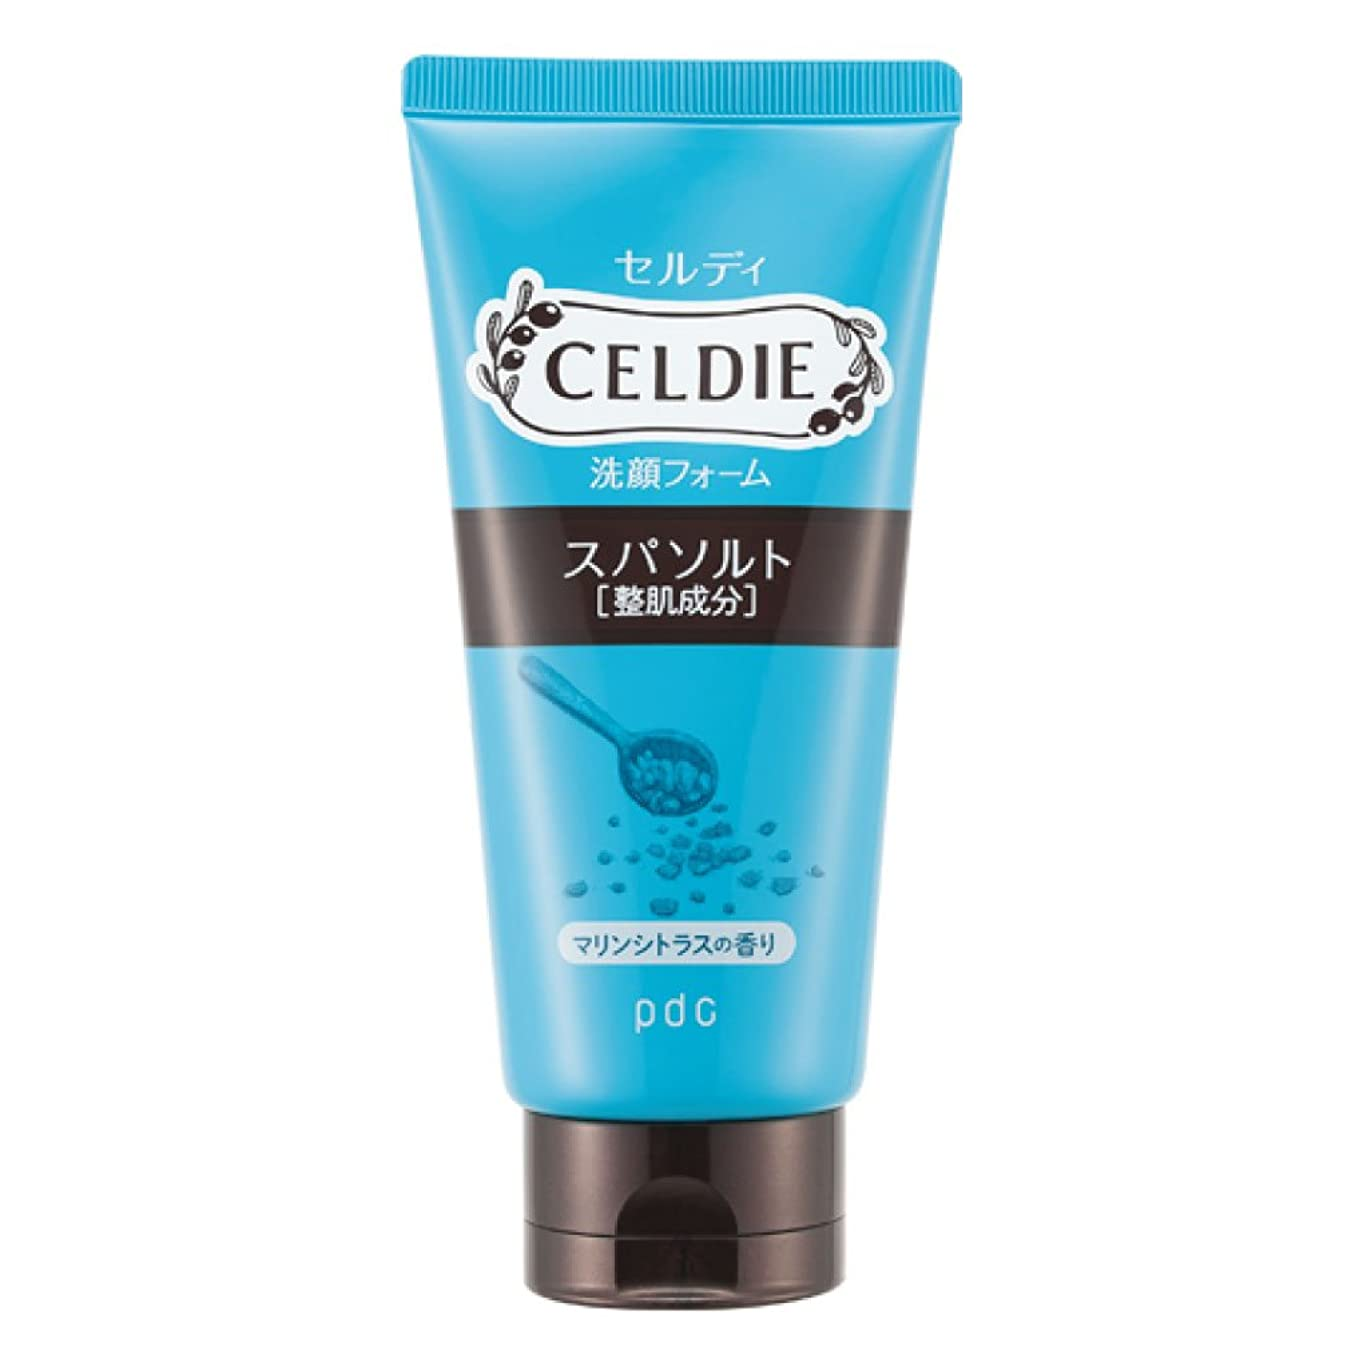 リスクアンペア頼るCELDIE(セルディ) 美肌洗顔 スパソルト 120g